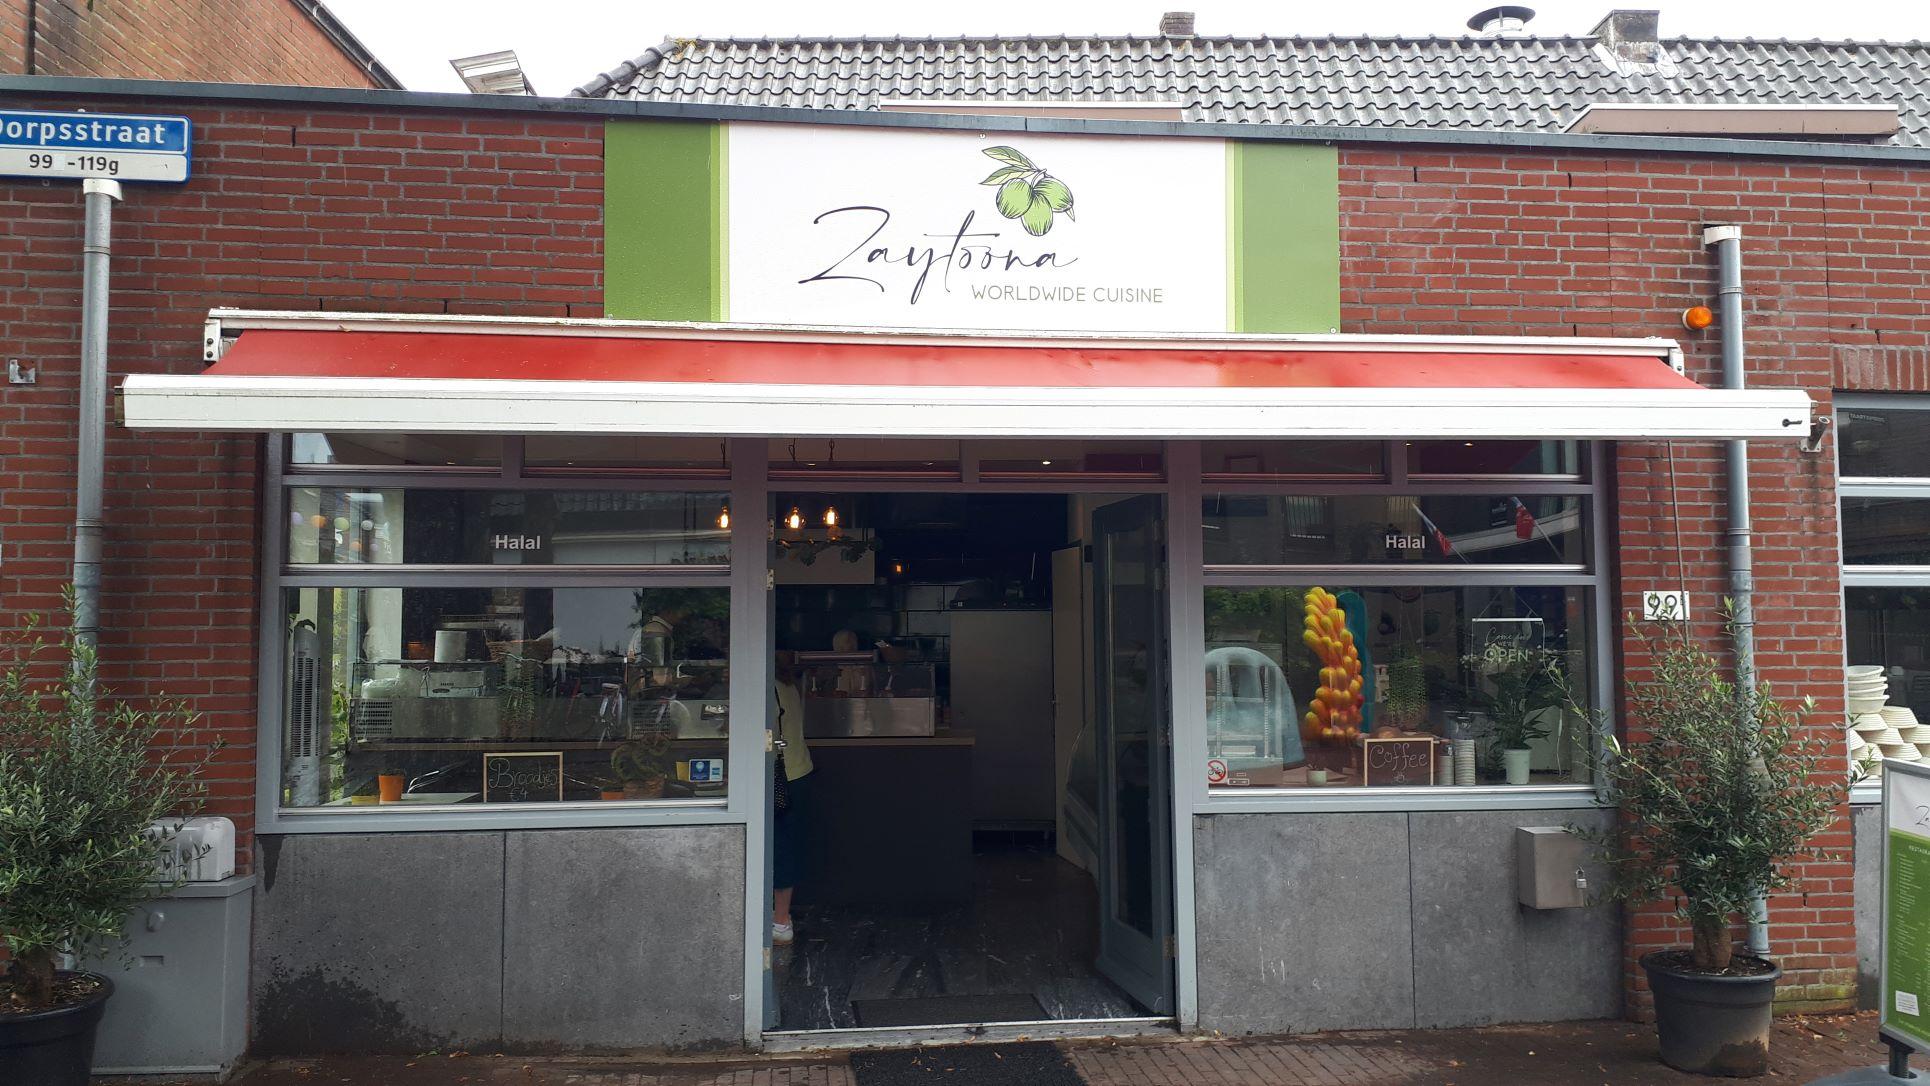 Zaytoona Zoetermeer